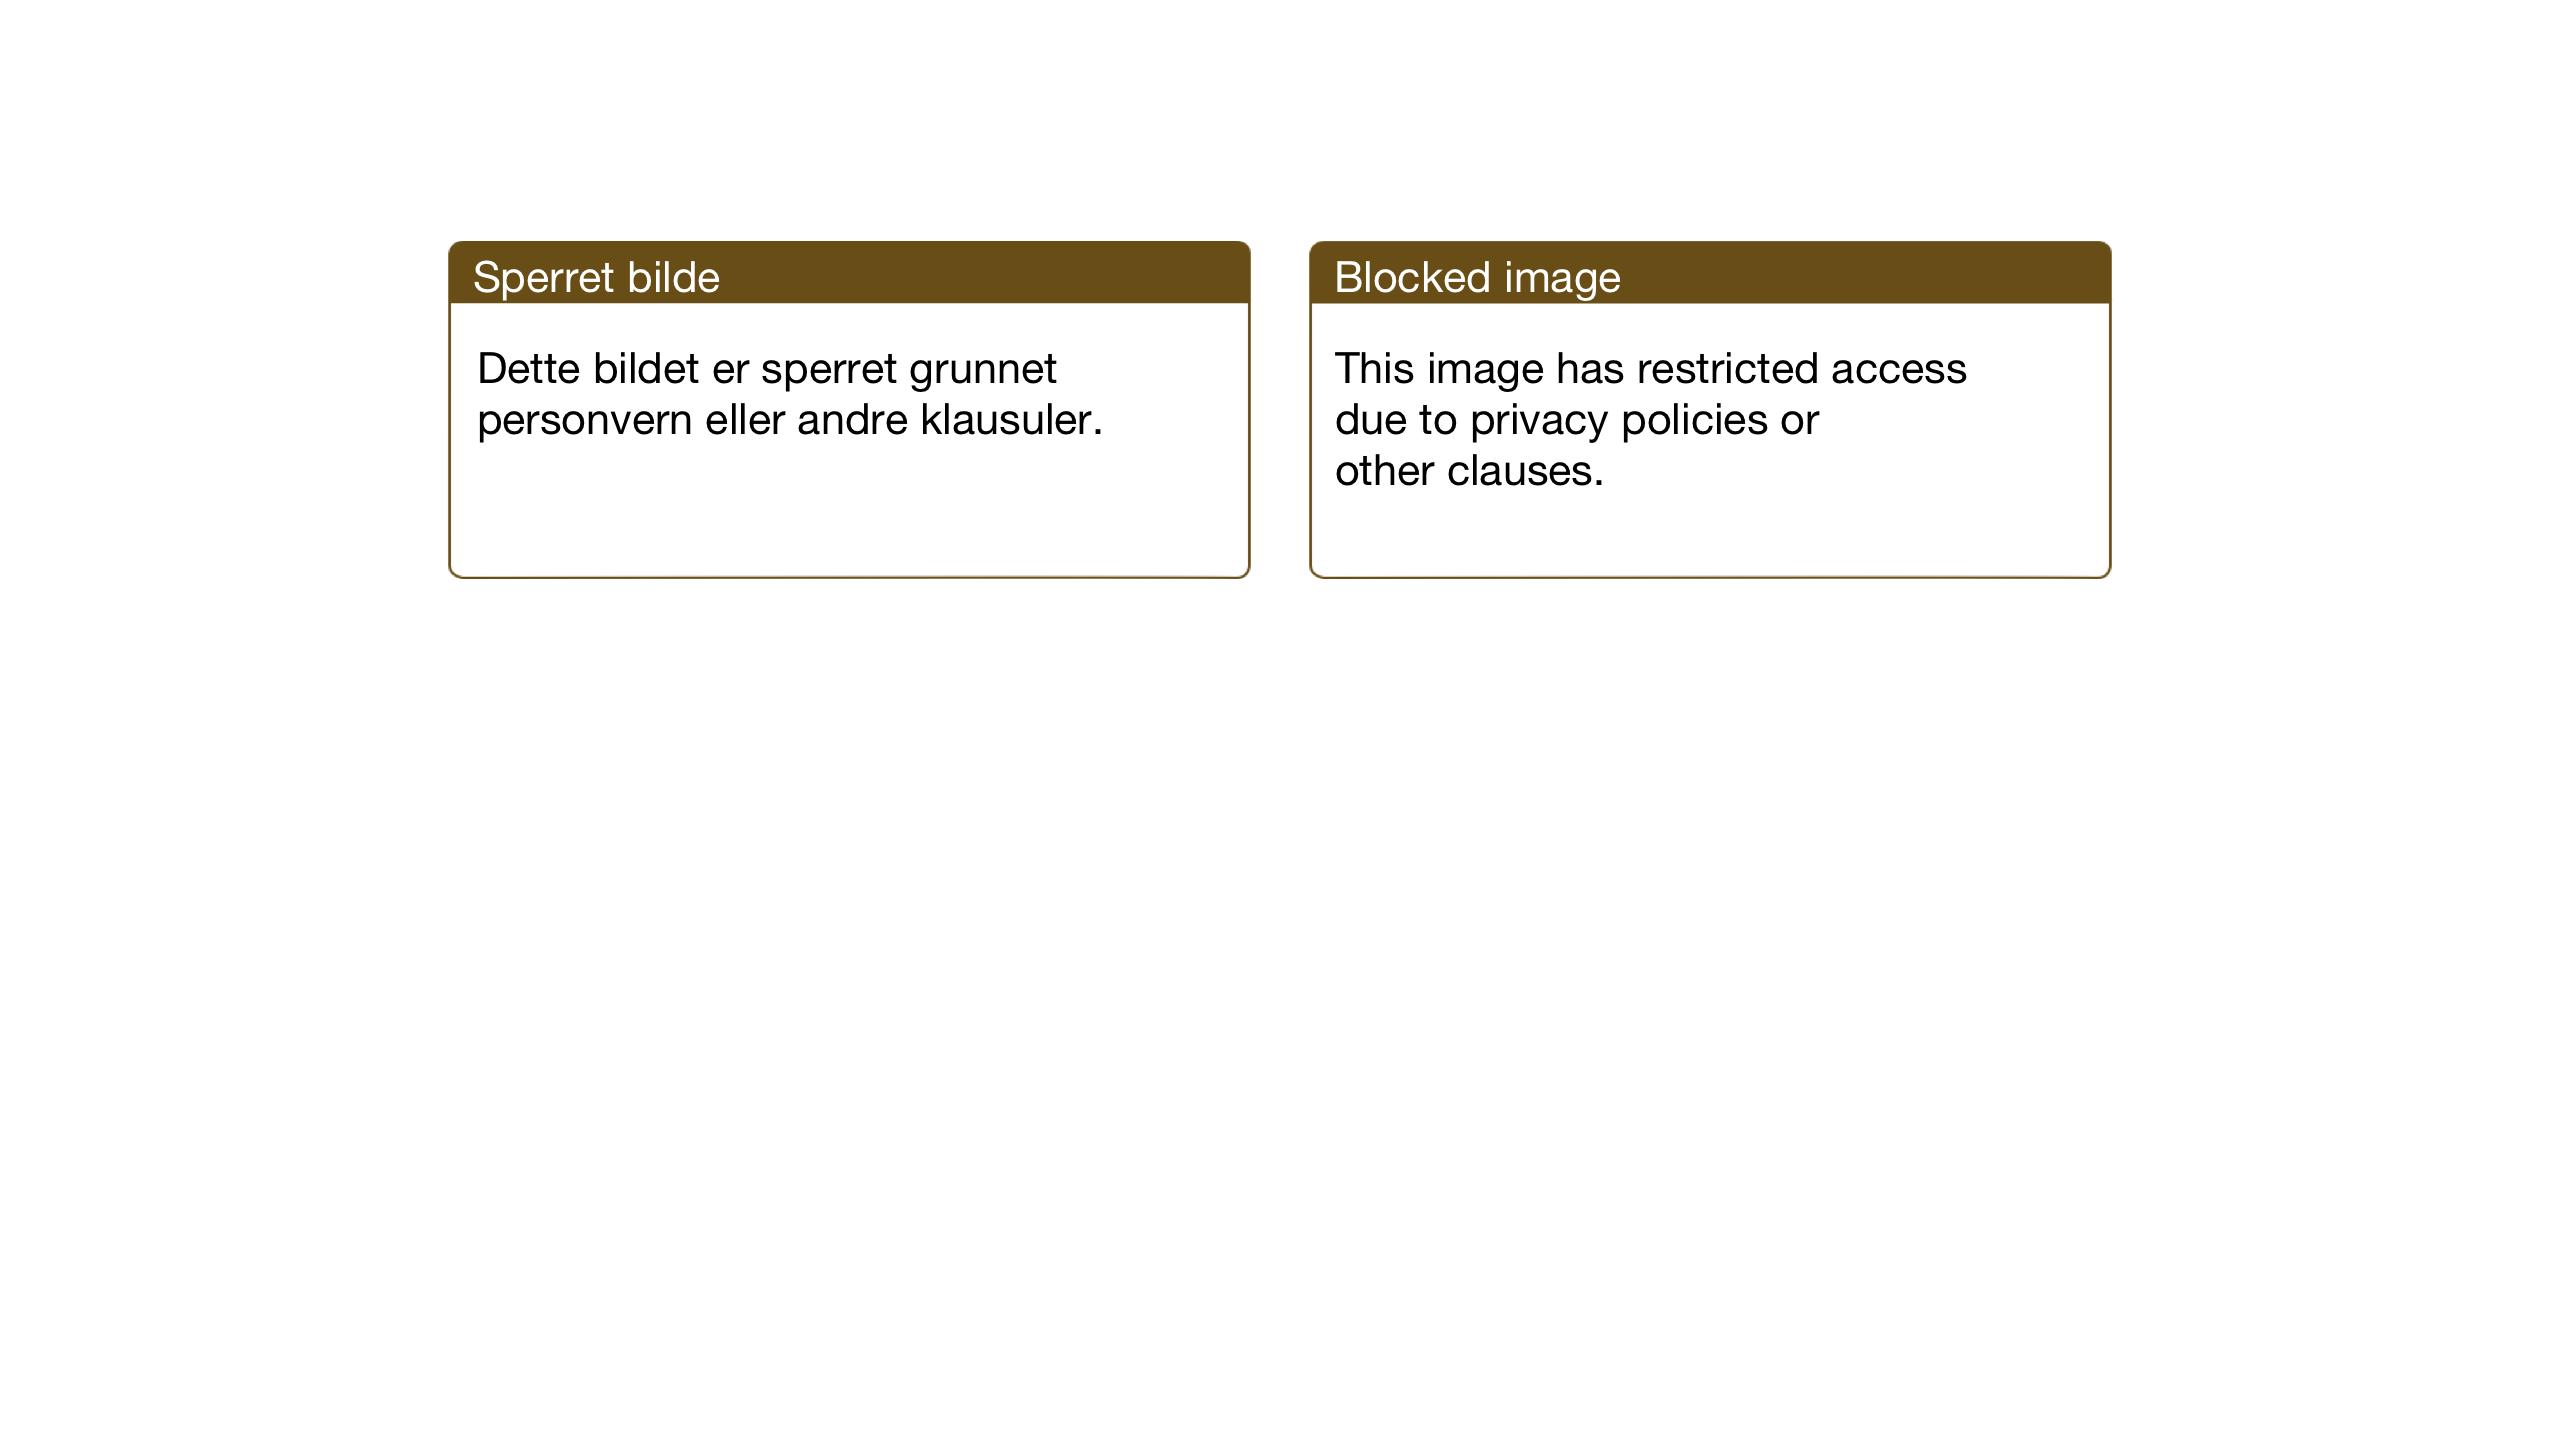 SAT, Ministerialprotokoller, klokkerbøker og fødselsregistre - Sør-Trøndelag, 651/L0648: Klokkerbok nr. 651C02, 1915-1945, s. 85